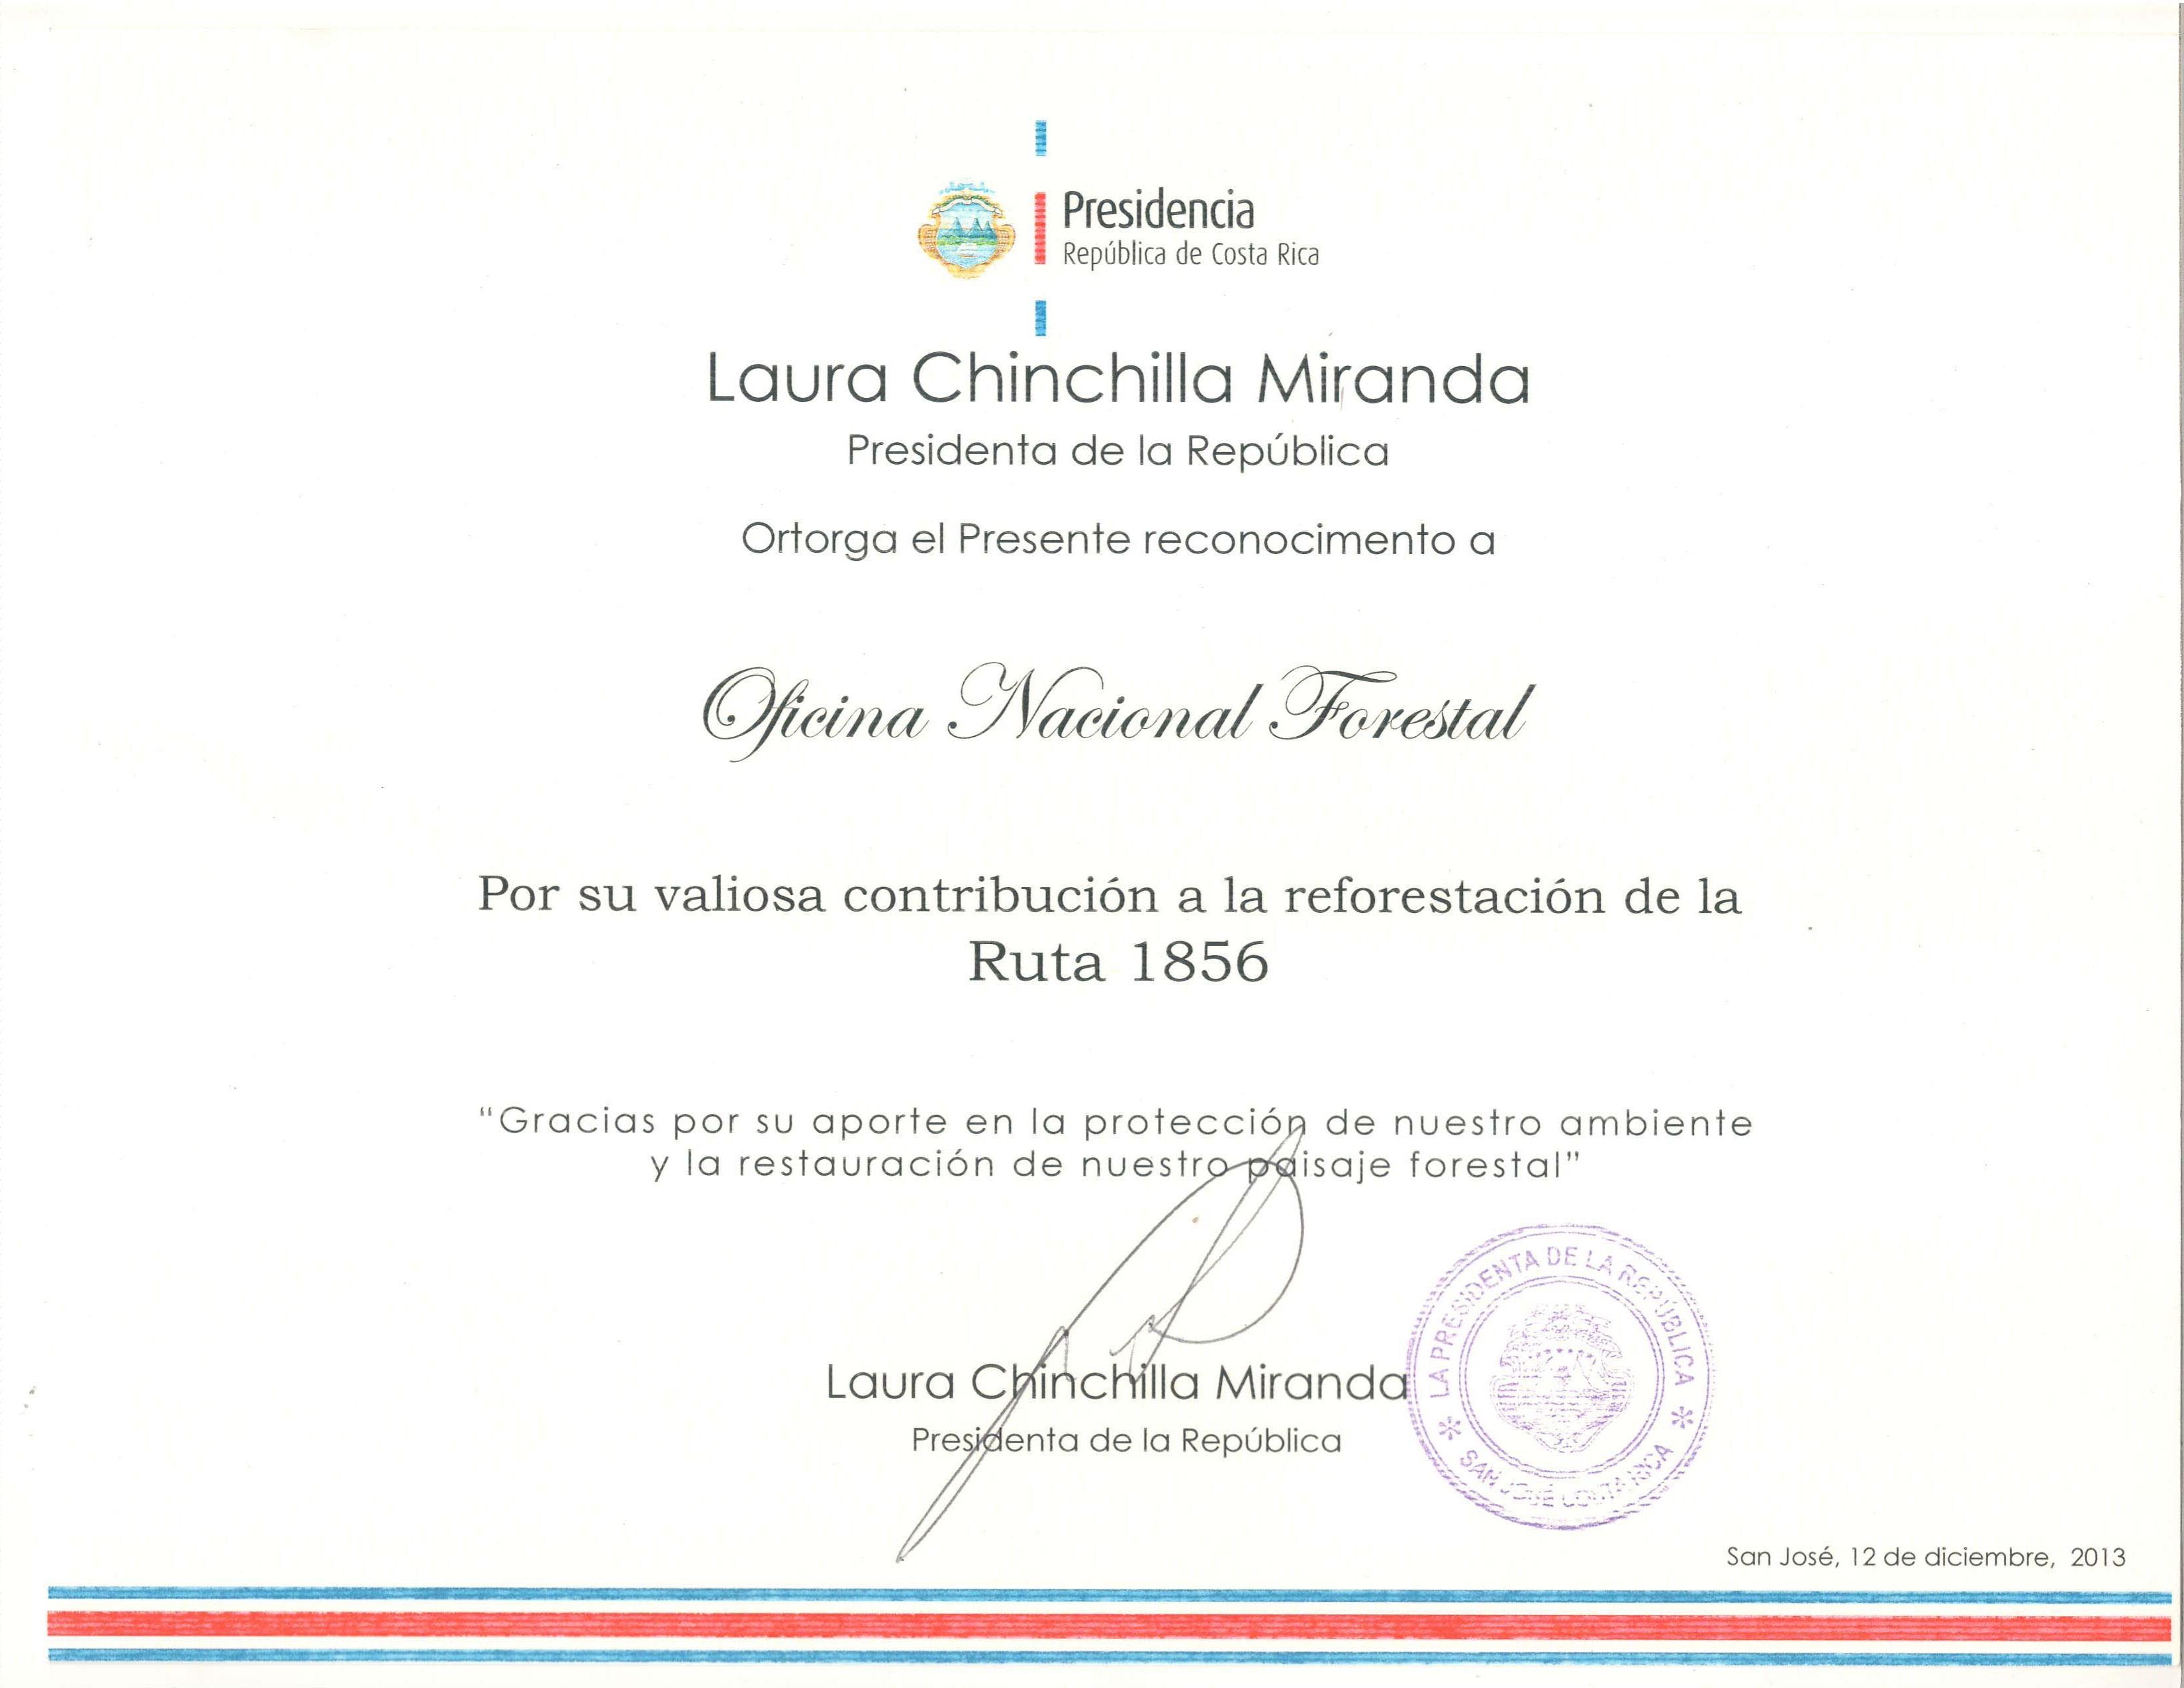 Presidenta hace reconocimiento a voluntarios que participaron en reforestación de la Ruta 1856